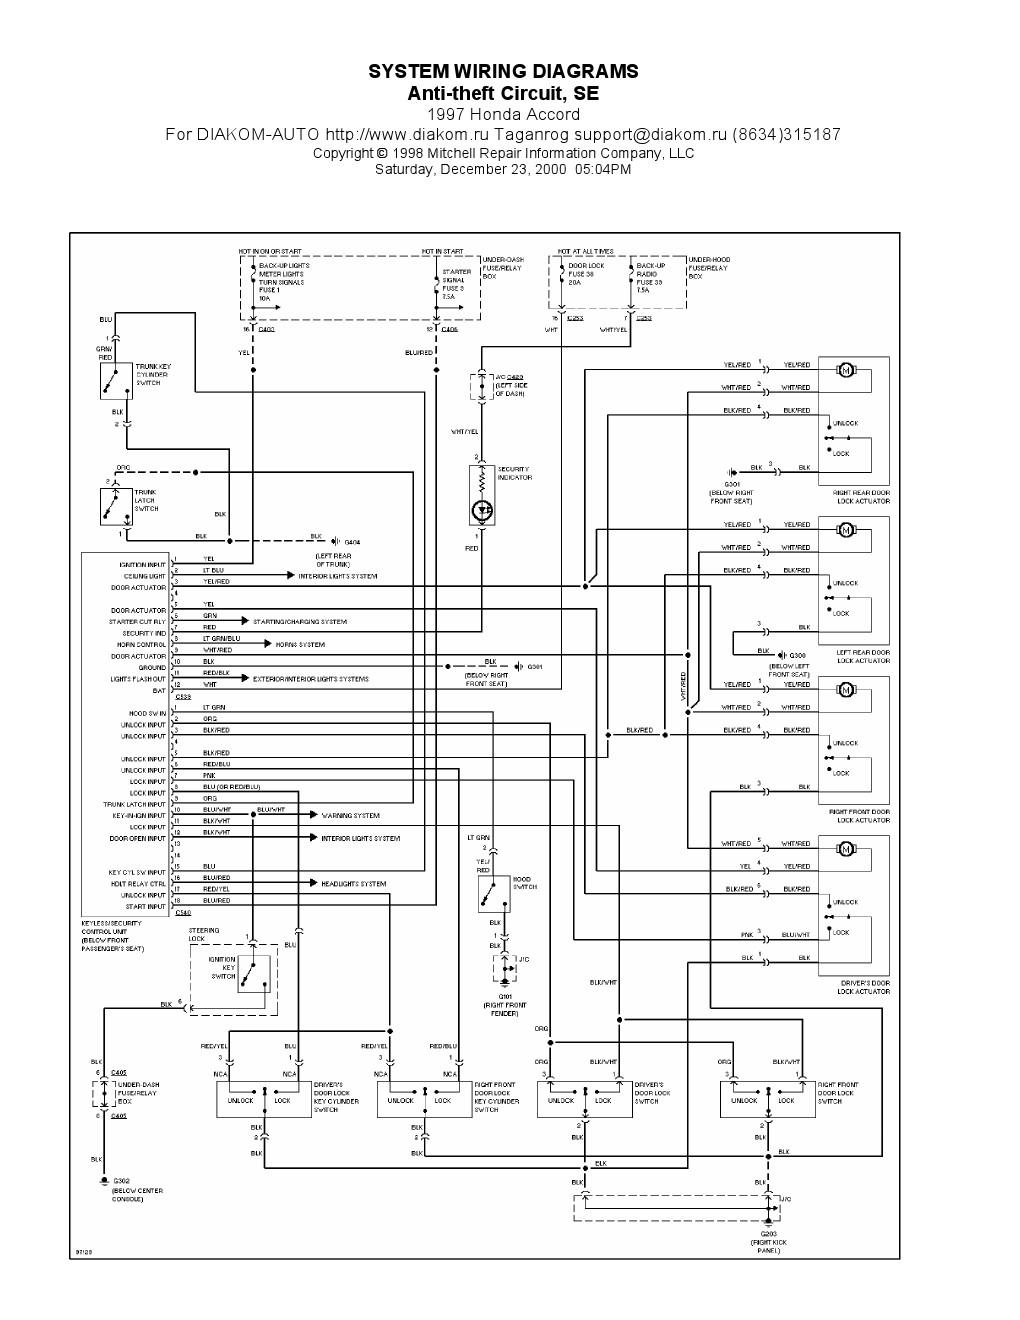 Wiring ex wiring diagram honda pilot ex engine wire harness image result for ex wiring ex wiring diagram honda pilot ex engine wire harness diagram image result for ex wiring sciox Images